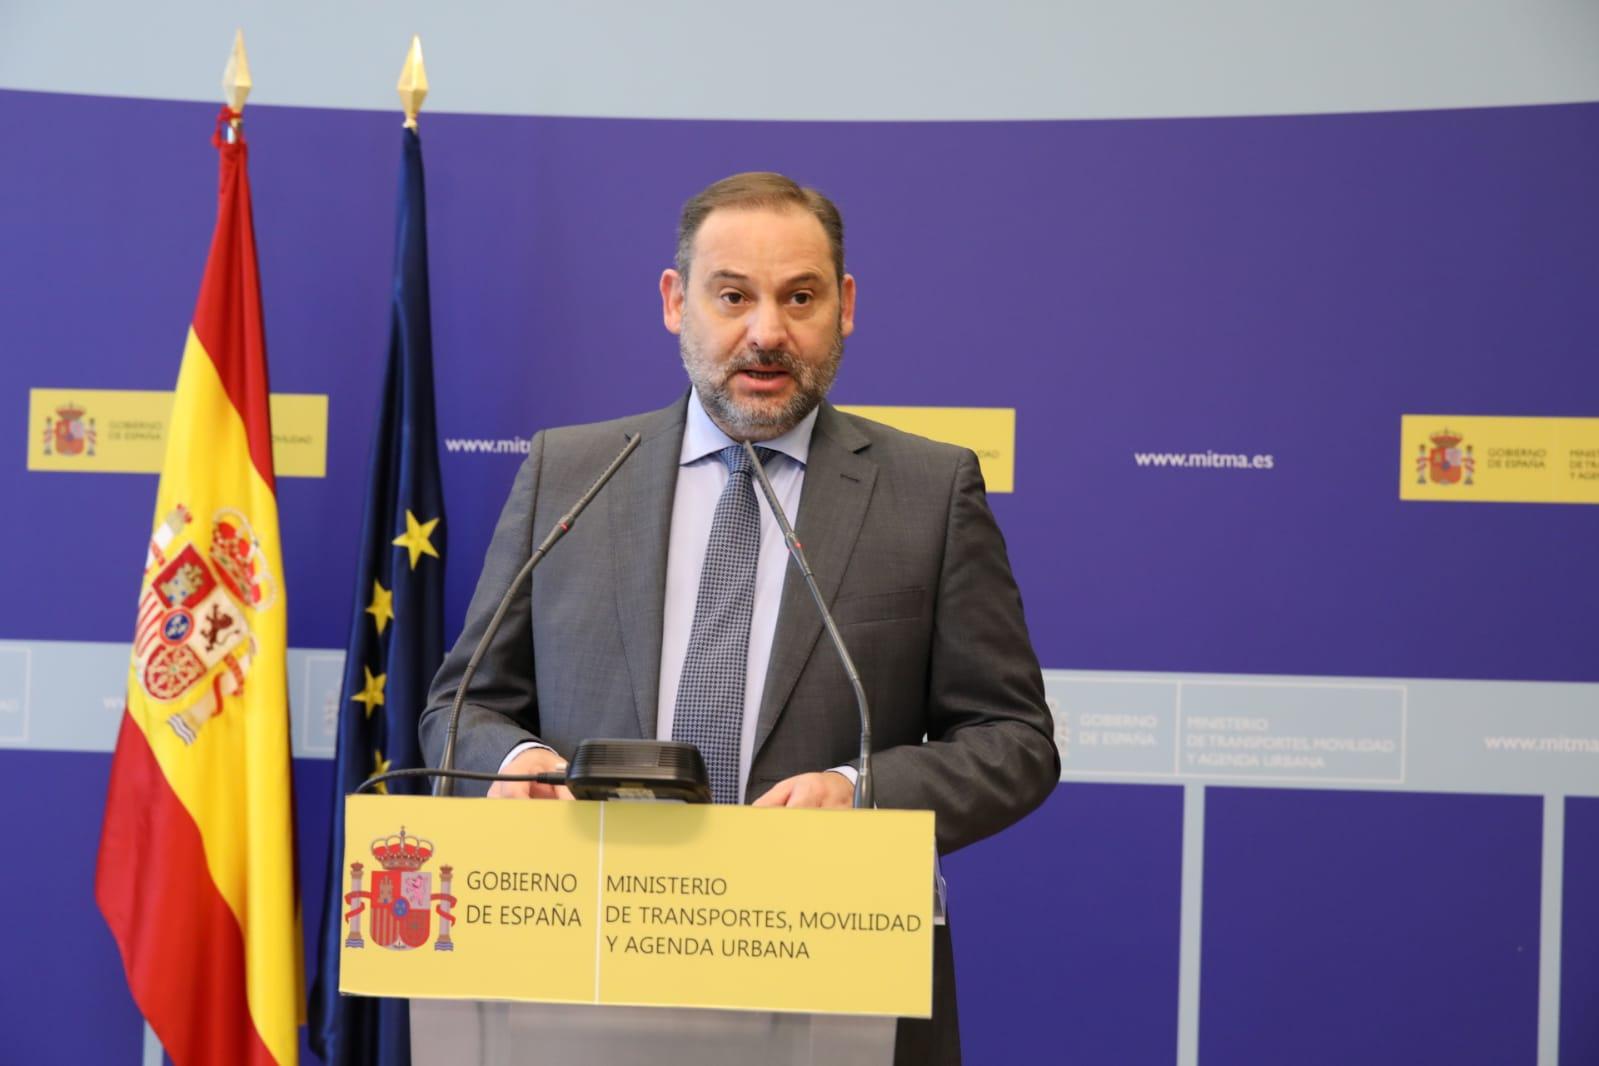 El ministro de Transportes, Movilidad y Agenda Urbana, José Luis Ábalos / Mitma